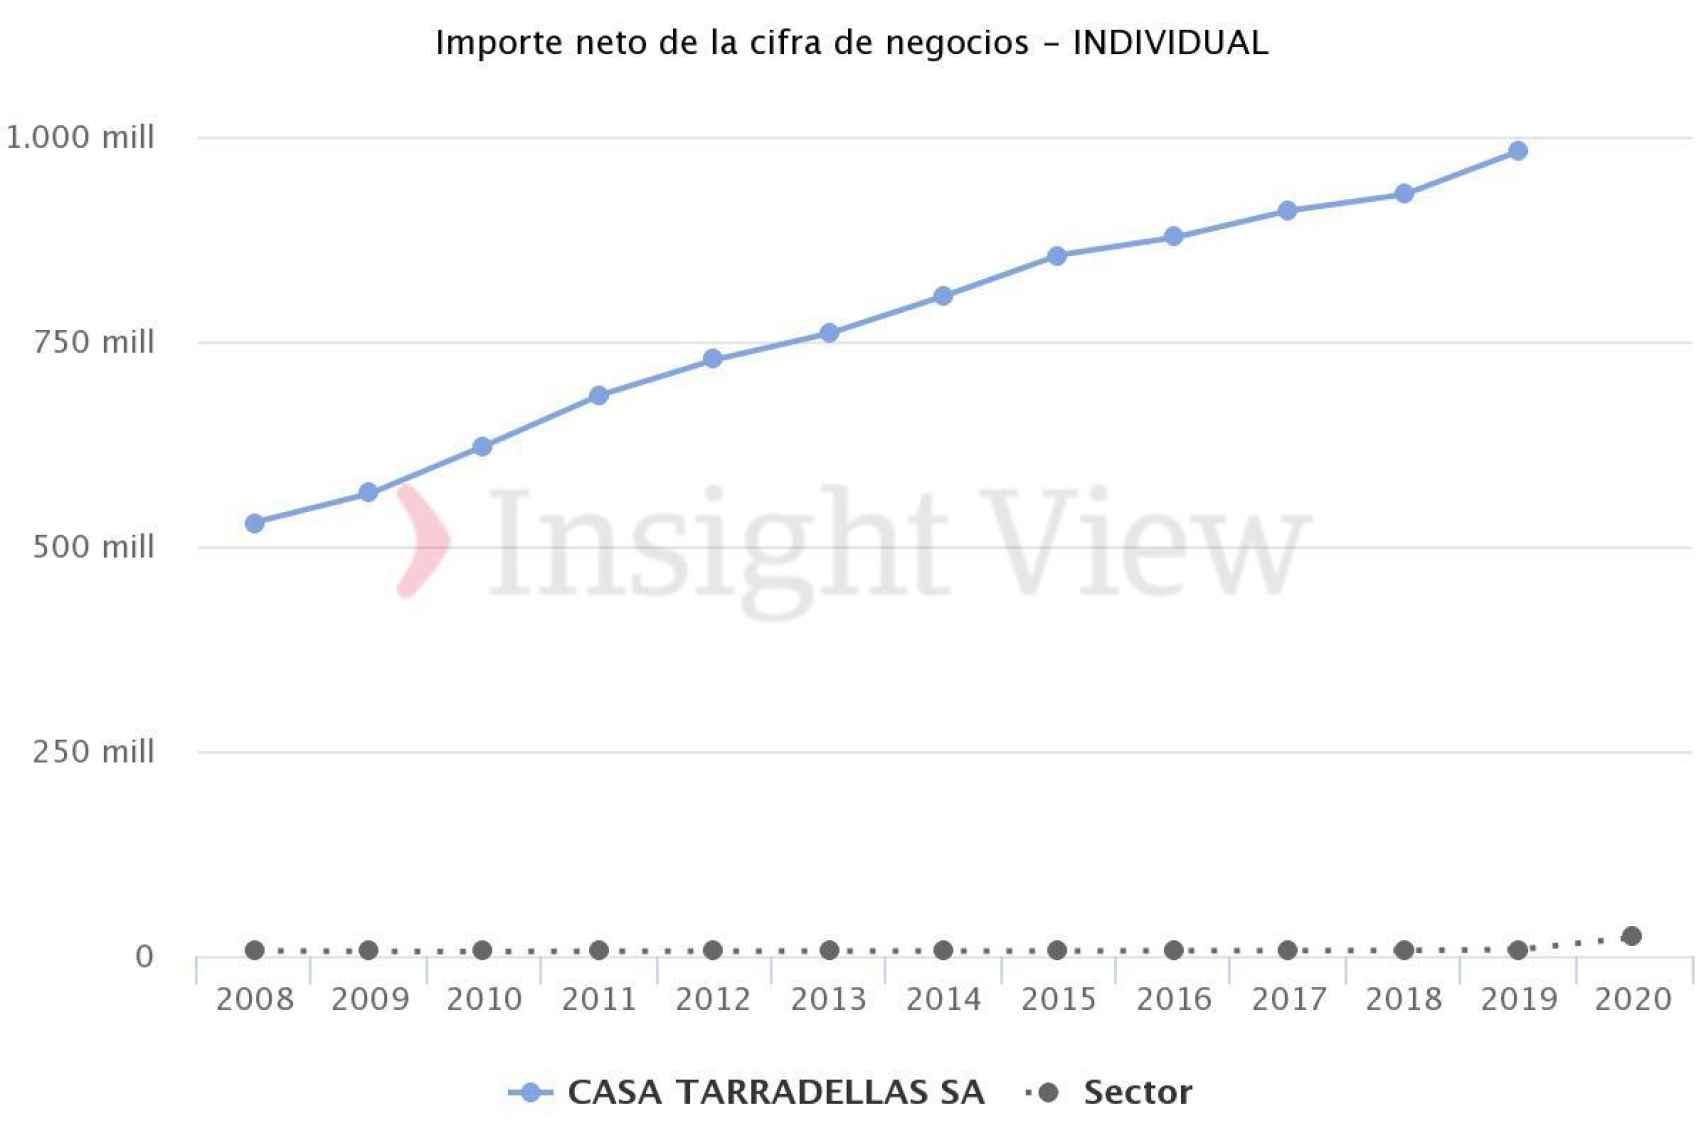 Evolución de las ventas de Casa Tarradellas. Fuente: Insightview.